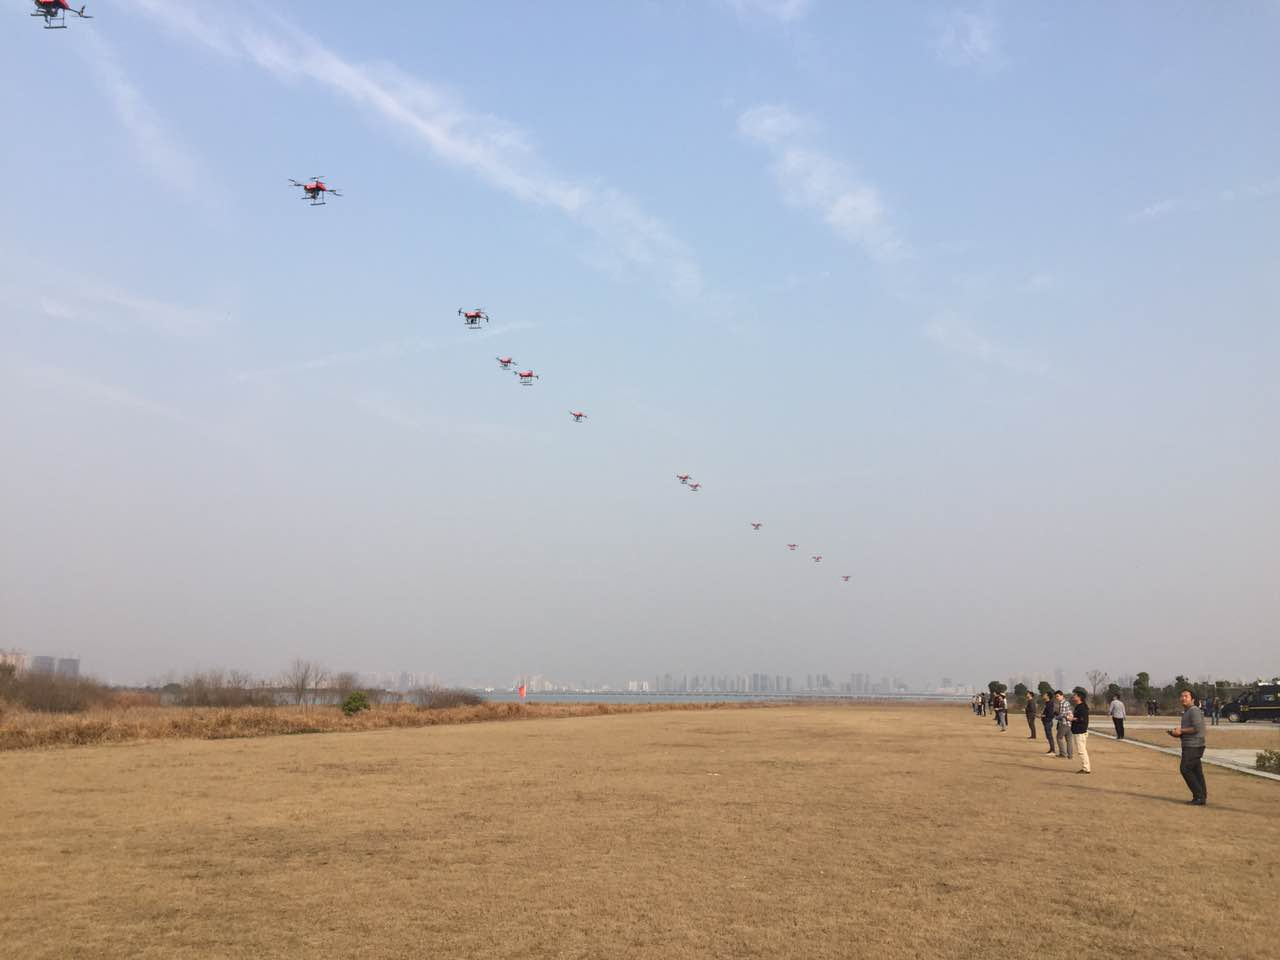 解密!1180架無人機在廣州《財富》全球論壇8分鐘表演背後